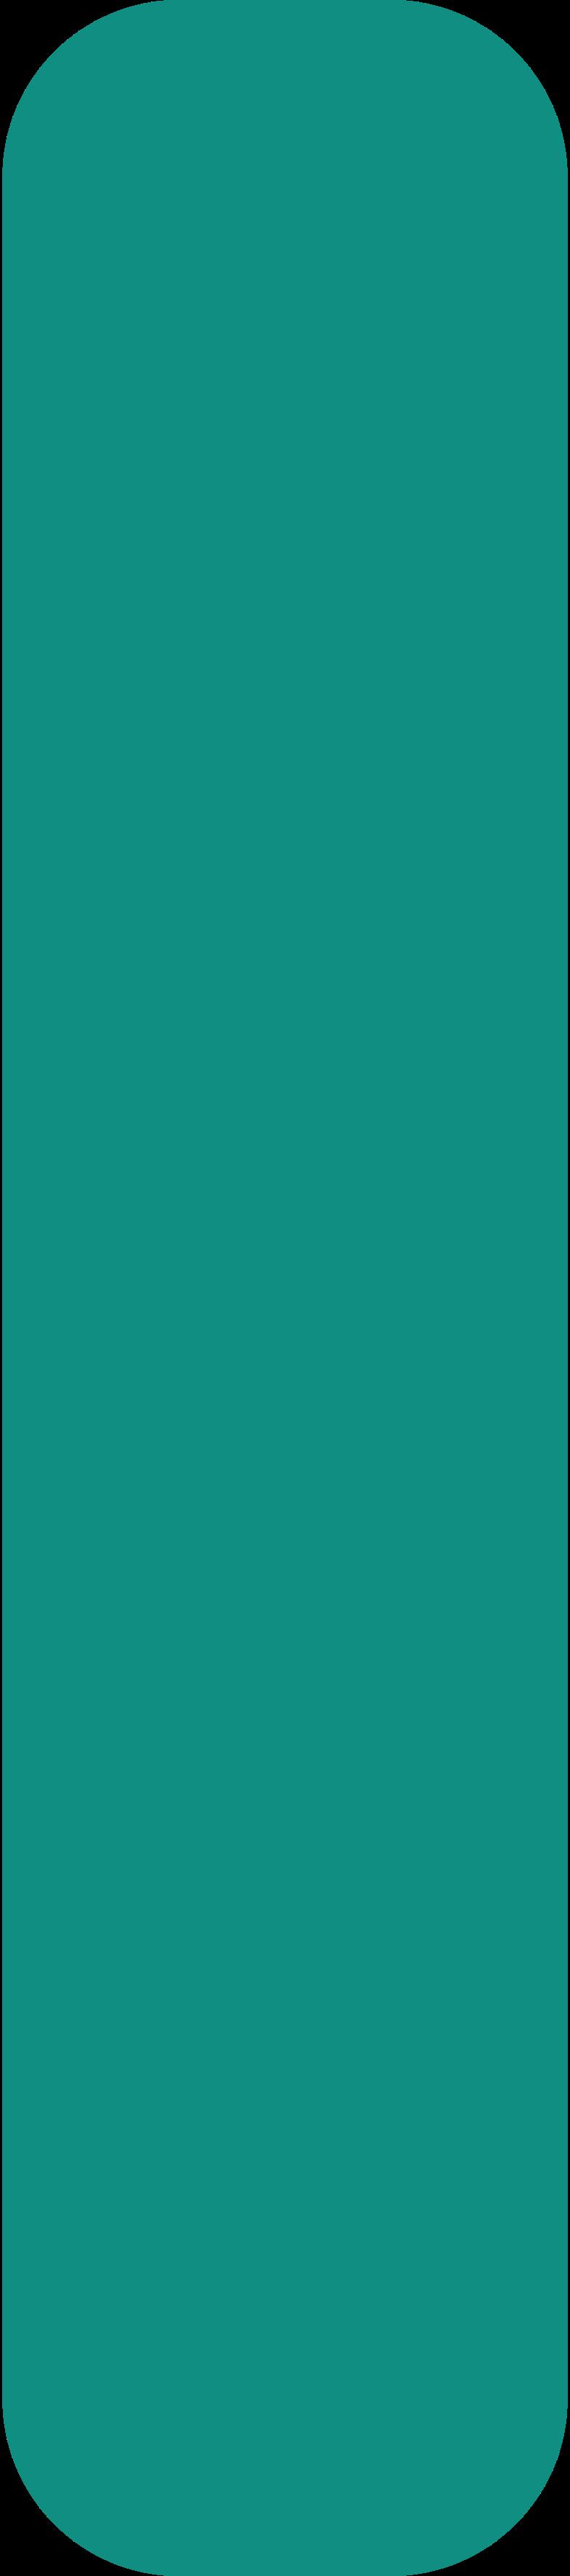 Imágenes vectoriales forma verde en PNG y SVG estilo  | Ilustraciones Icons8